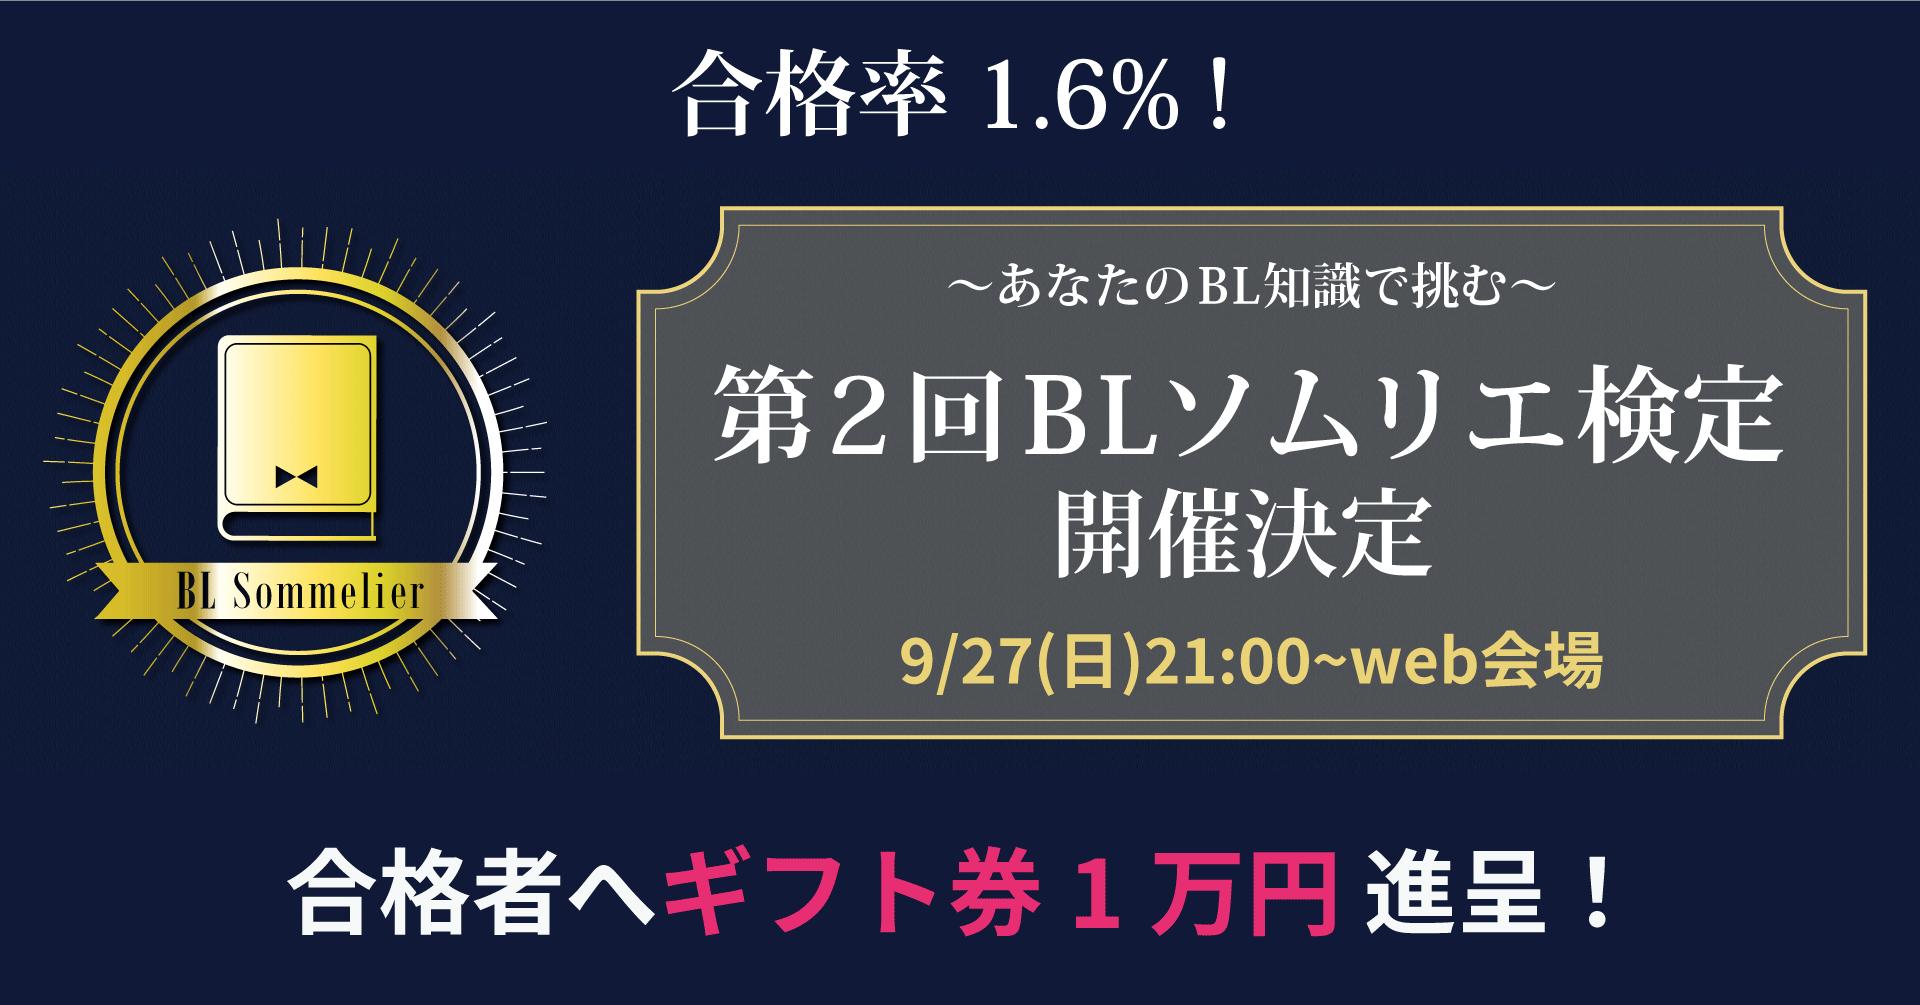 合格率1.6%「BLソムリエ検定」実施決定!BLアワードのちるちるが提供するWEB試験でBL力を試してみませんか?